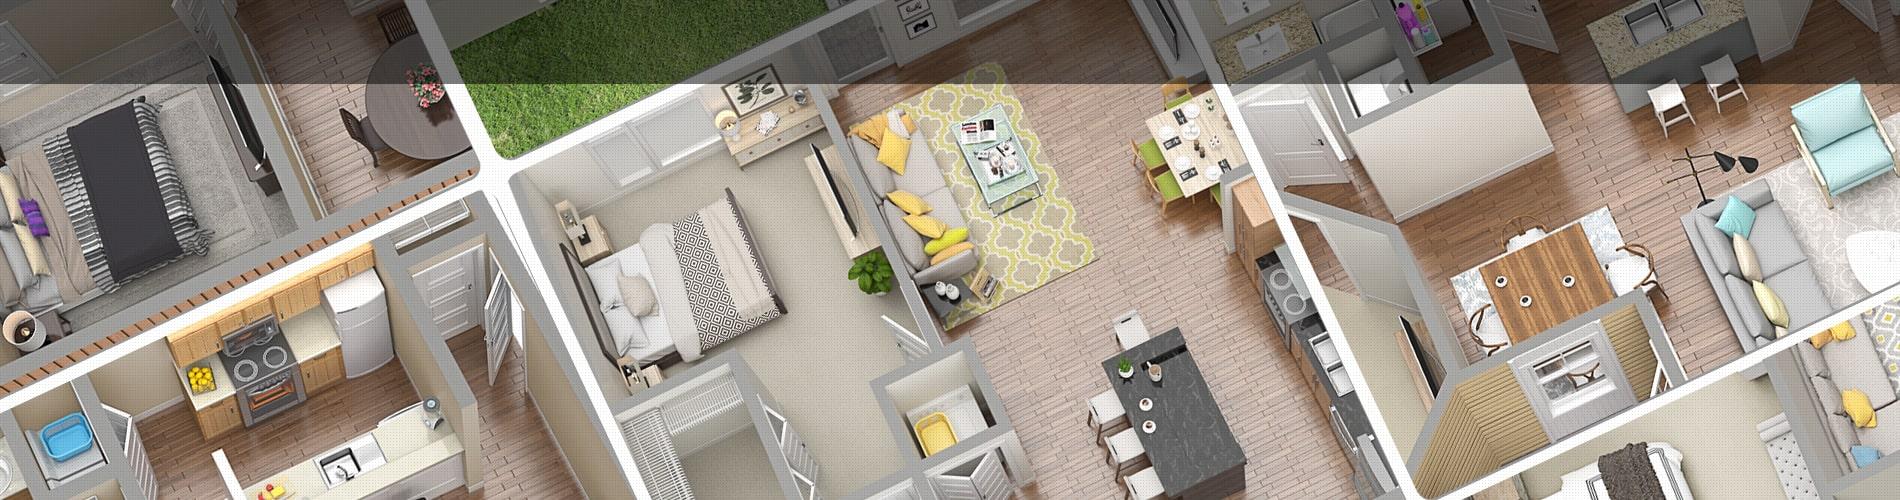 One bedroom 3D floor plans